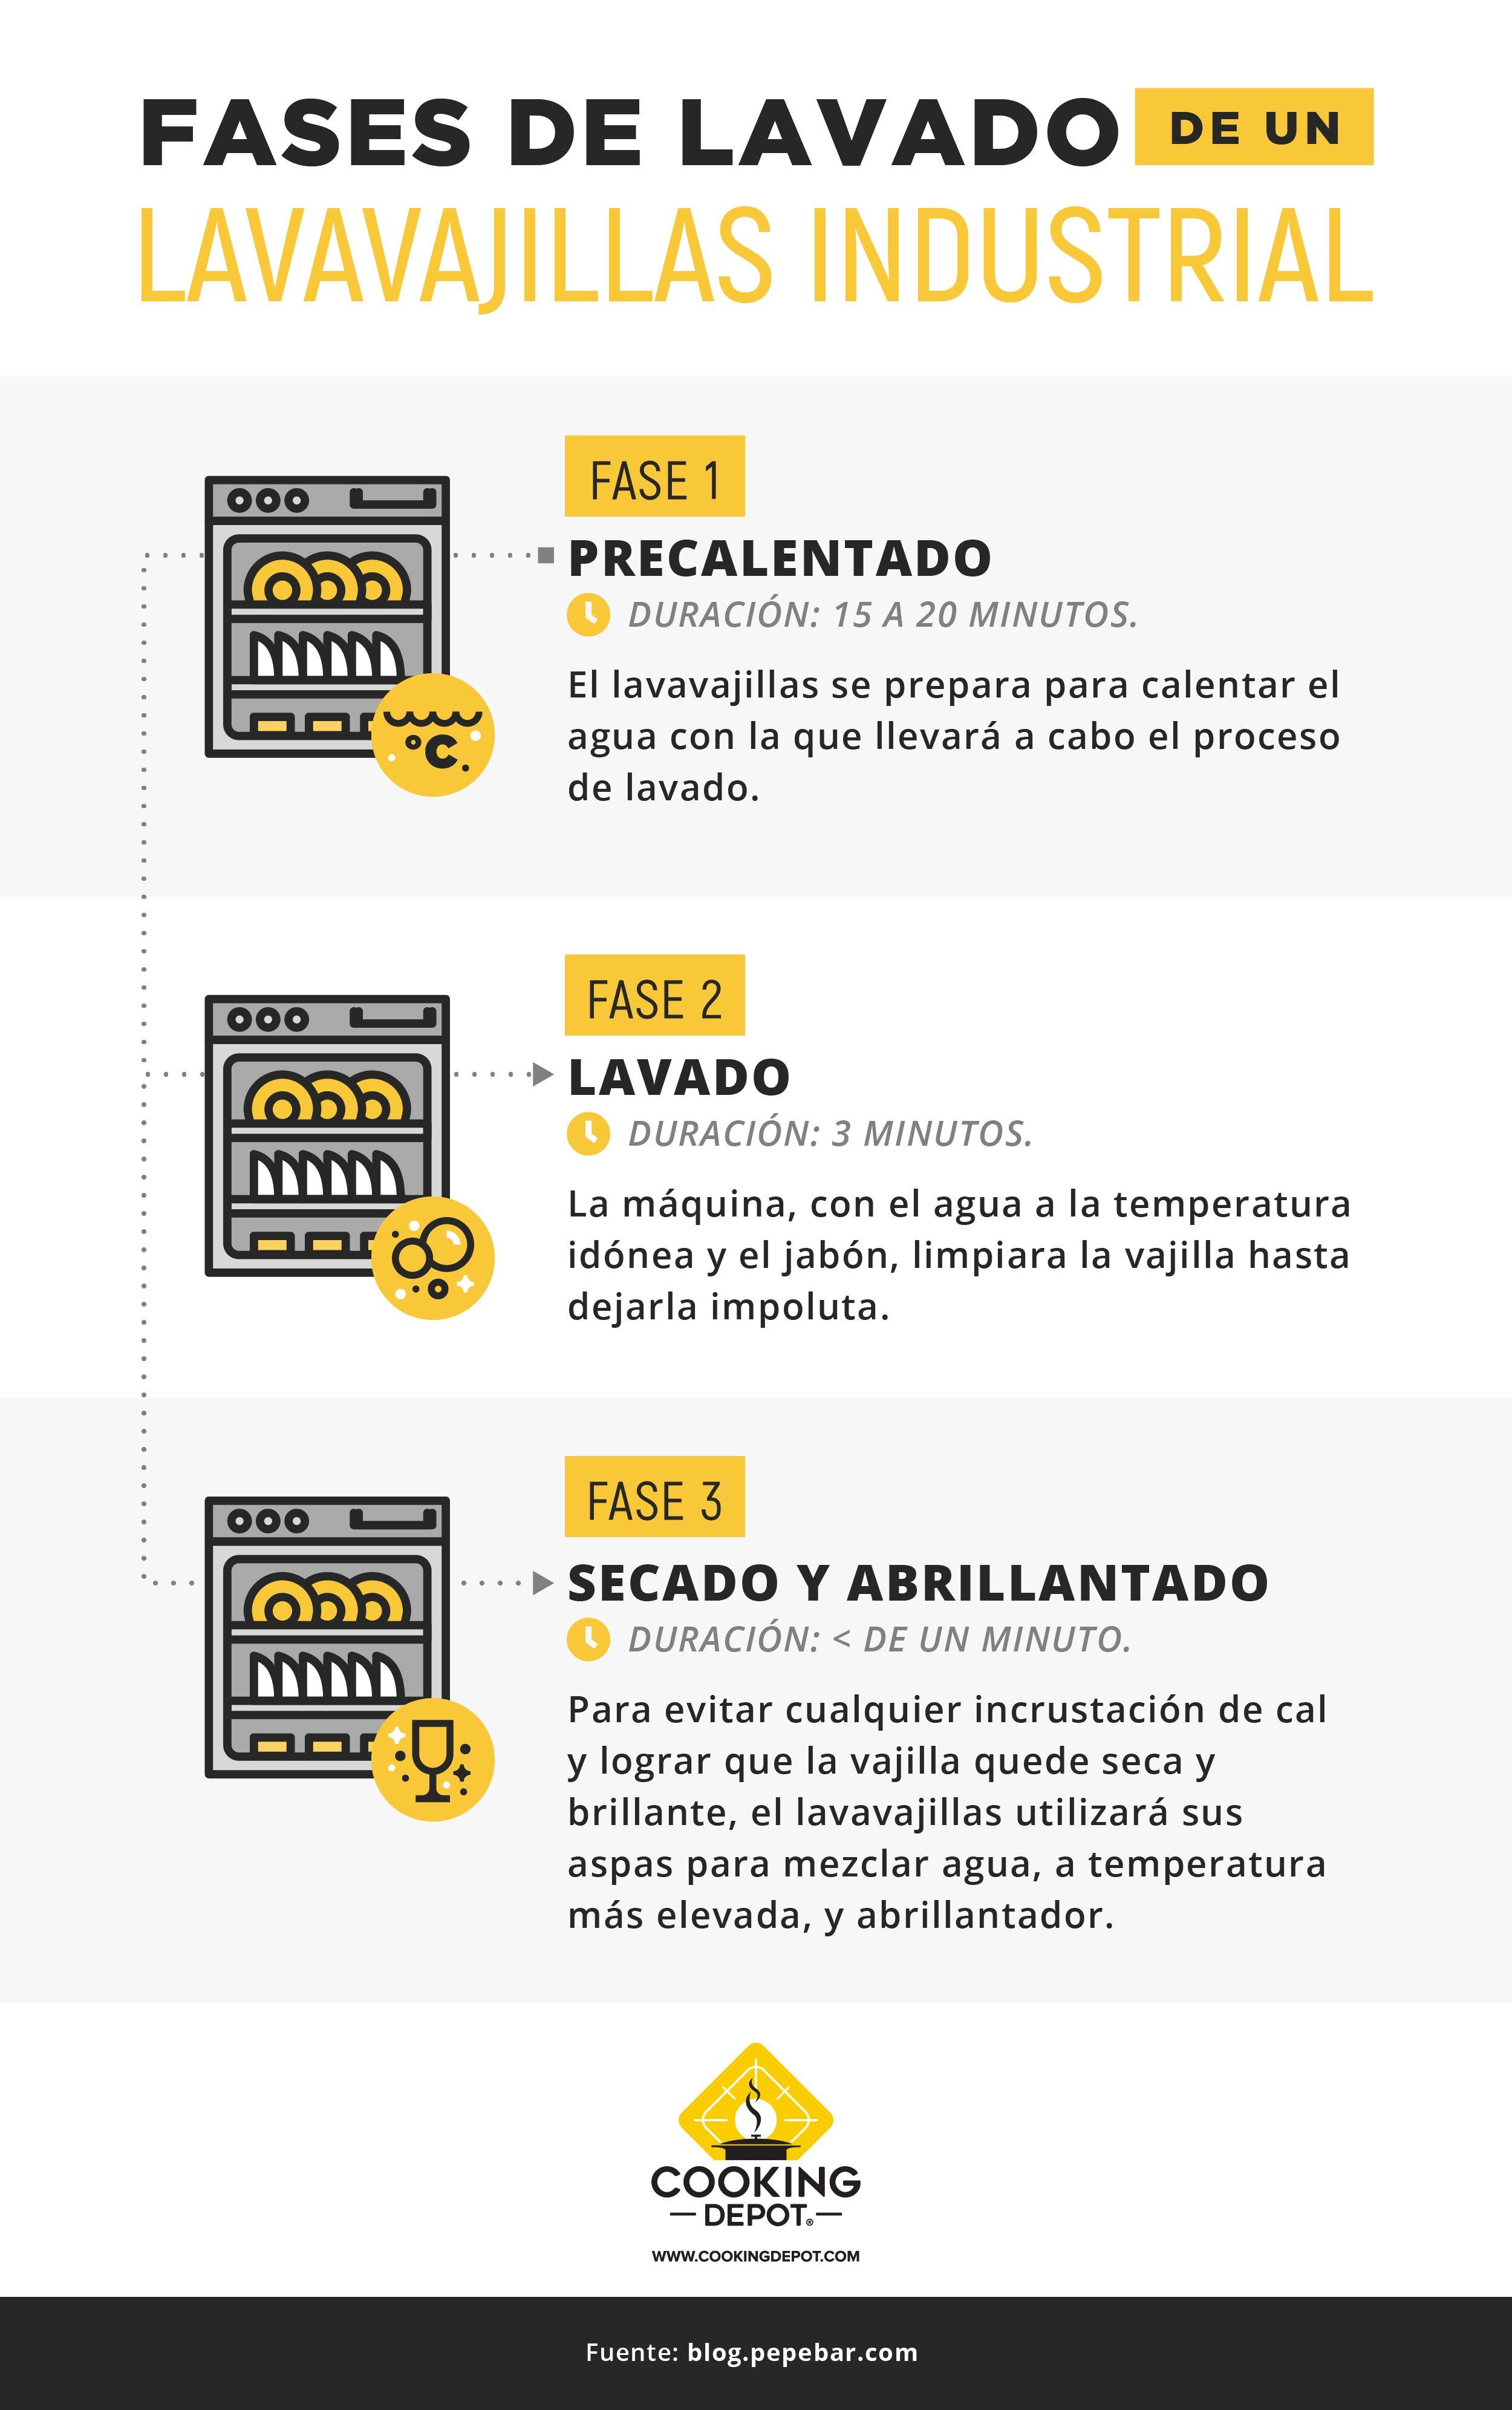 Cooking Depot-Blog 13 Cuándo pensar en comprar una lavavajillas_Infografía_revCCH